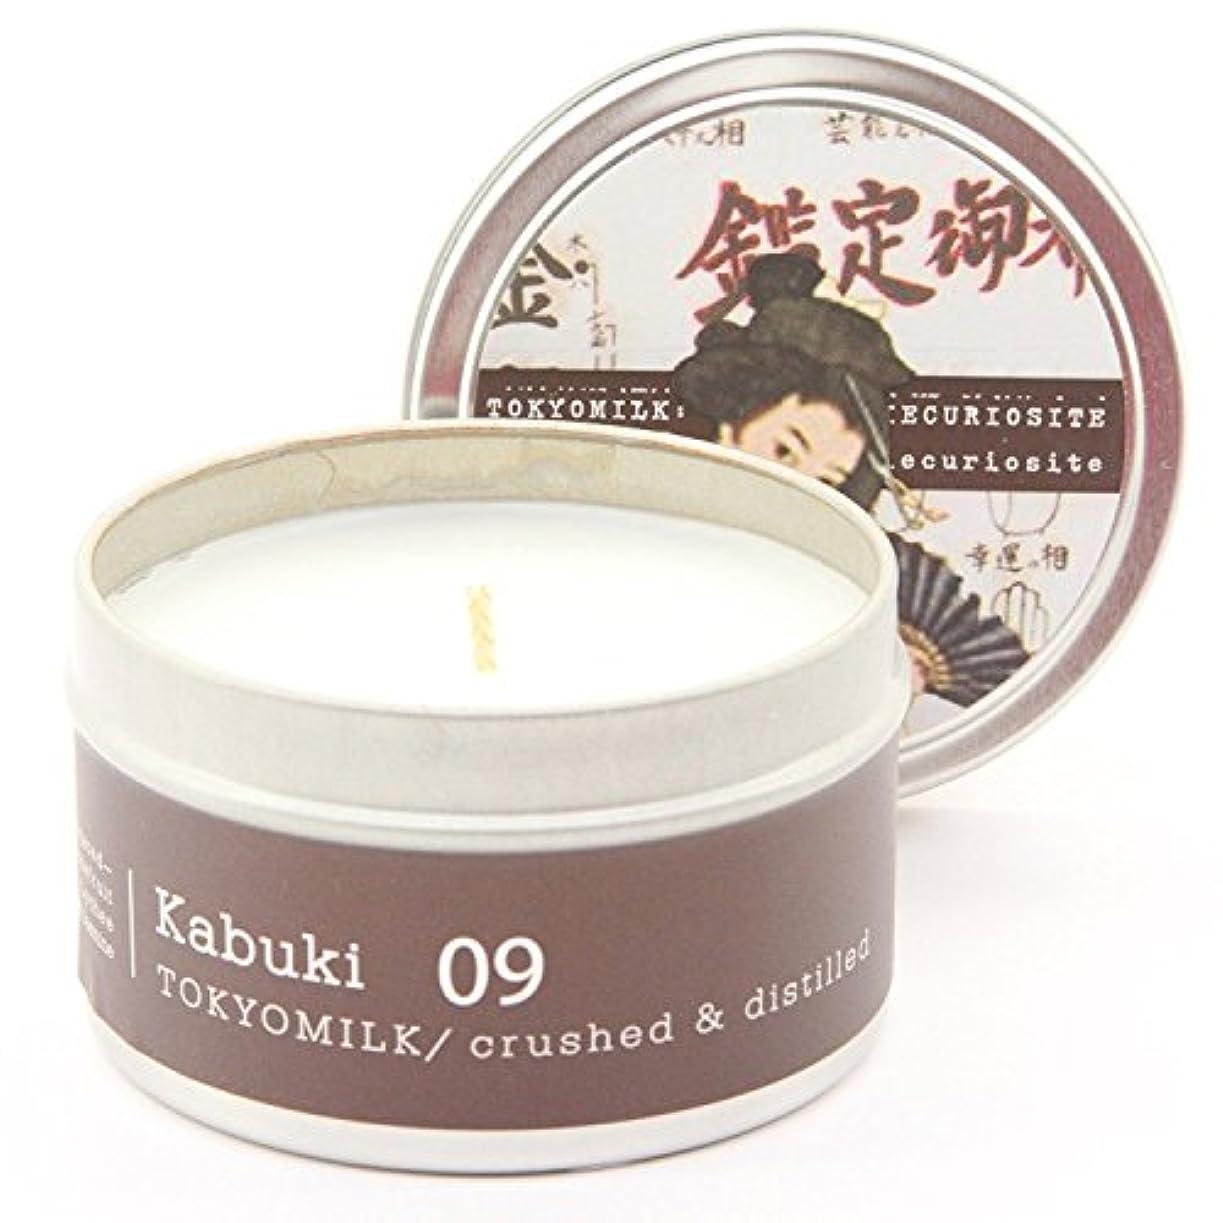 呼び出すズボン再生東京ミルク's 6 oz Tin Candle